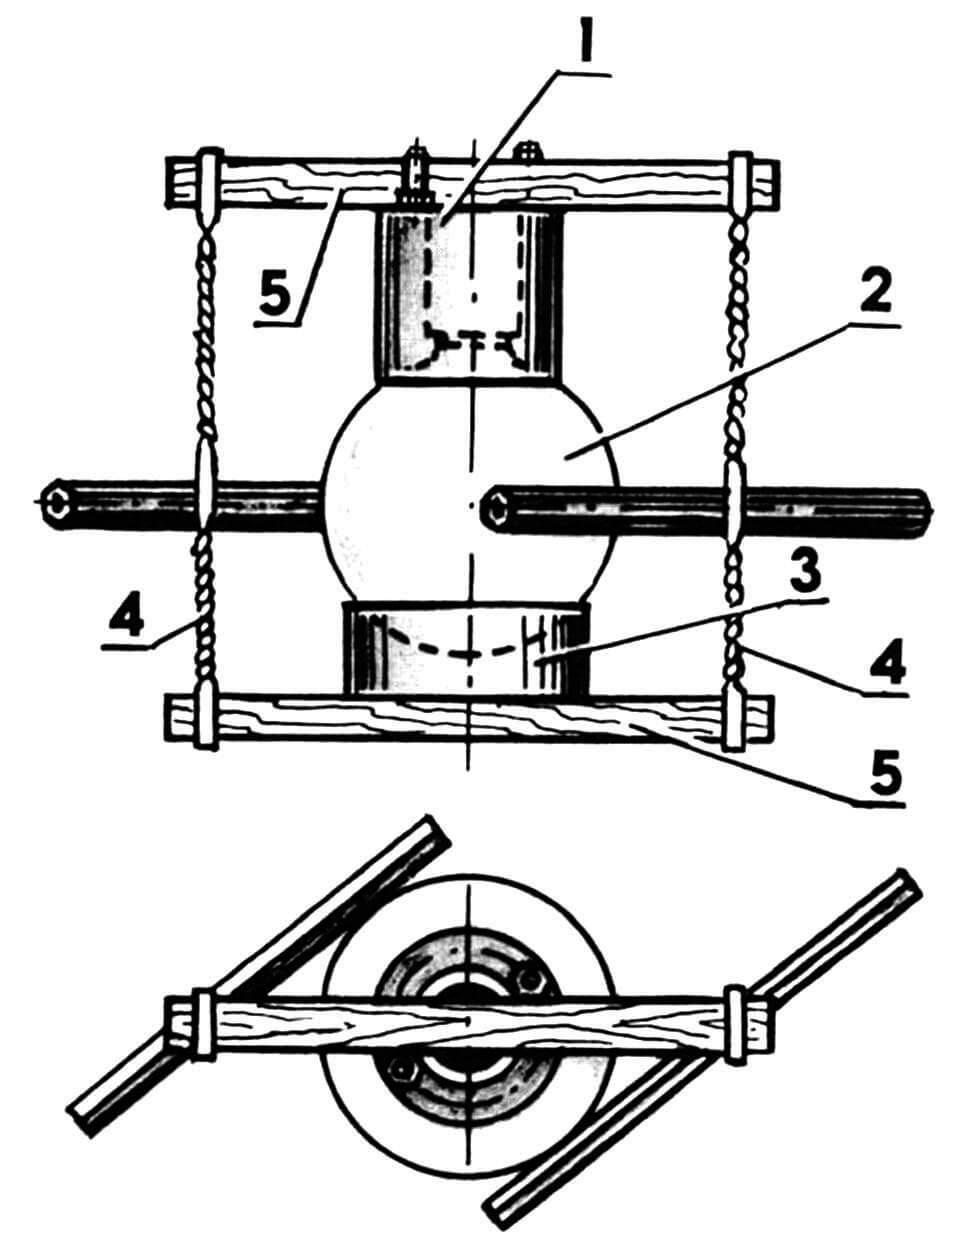 Приспособление для склейки плафона с корпусом: 1 — корпус; 2 — плафон; 3 — подставка кольцевая; 4 — стяжки веревочные; 5 — планки прижимные.